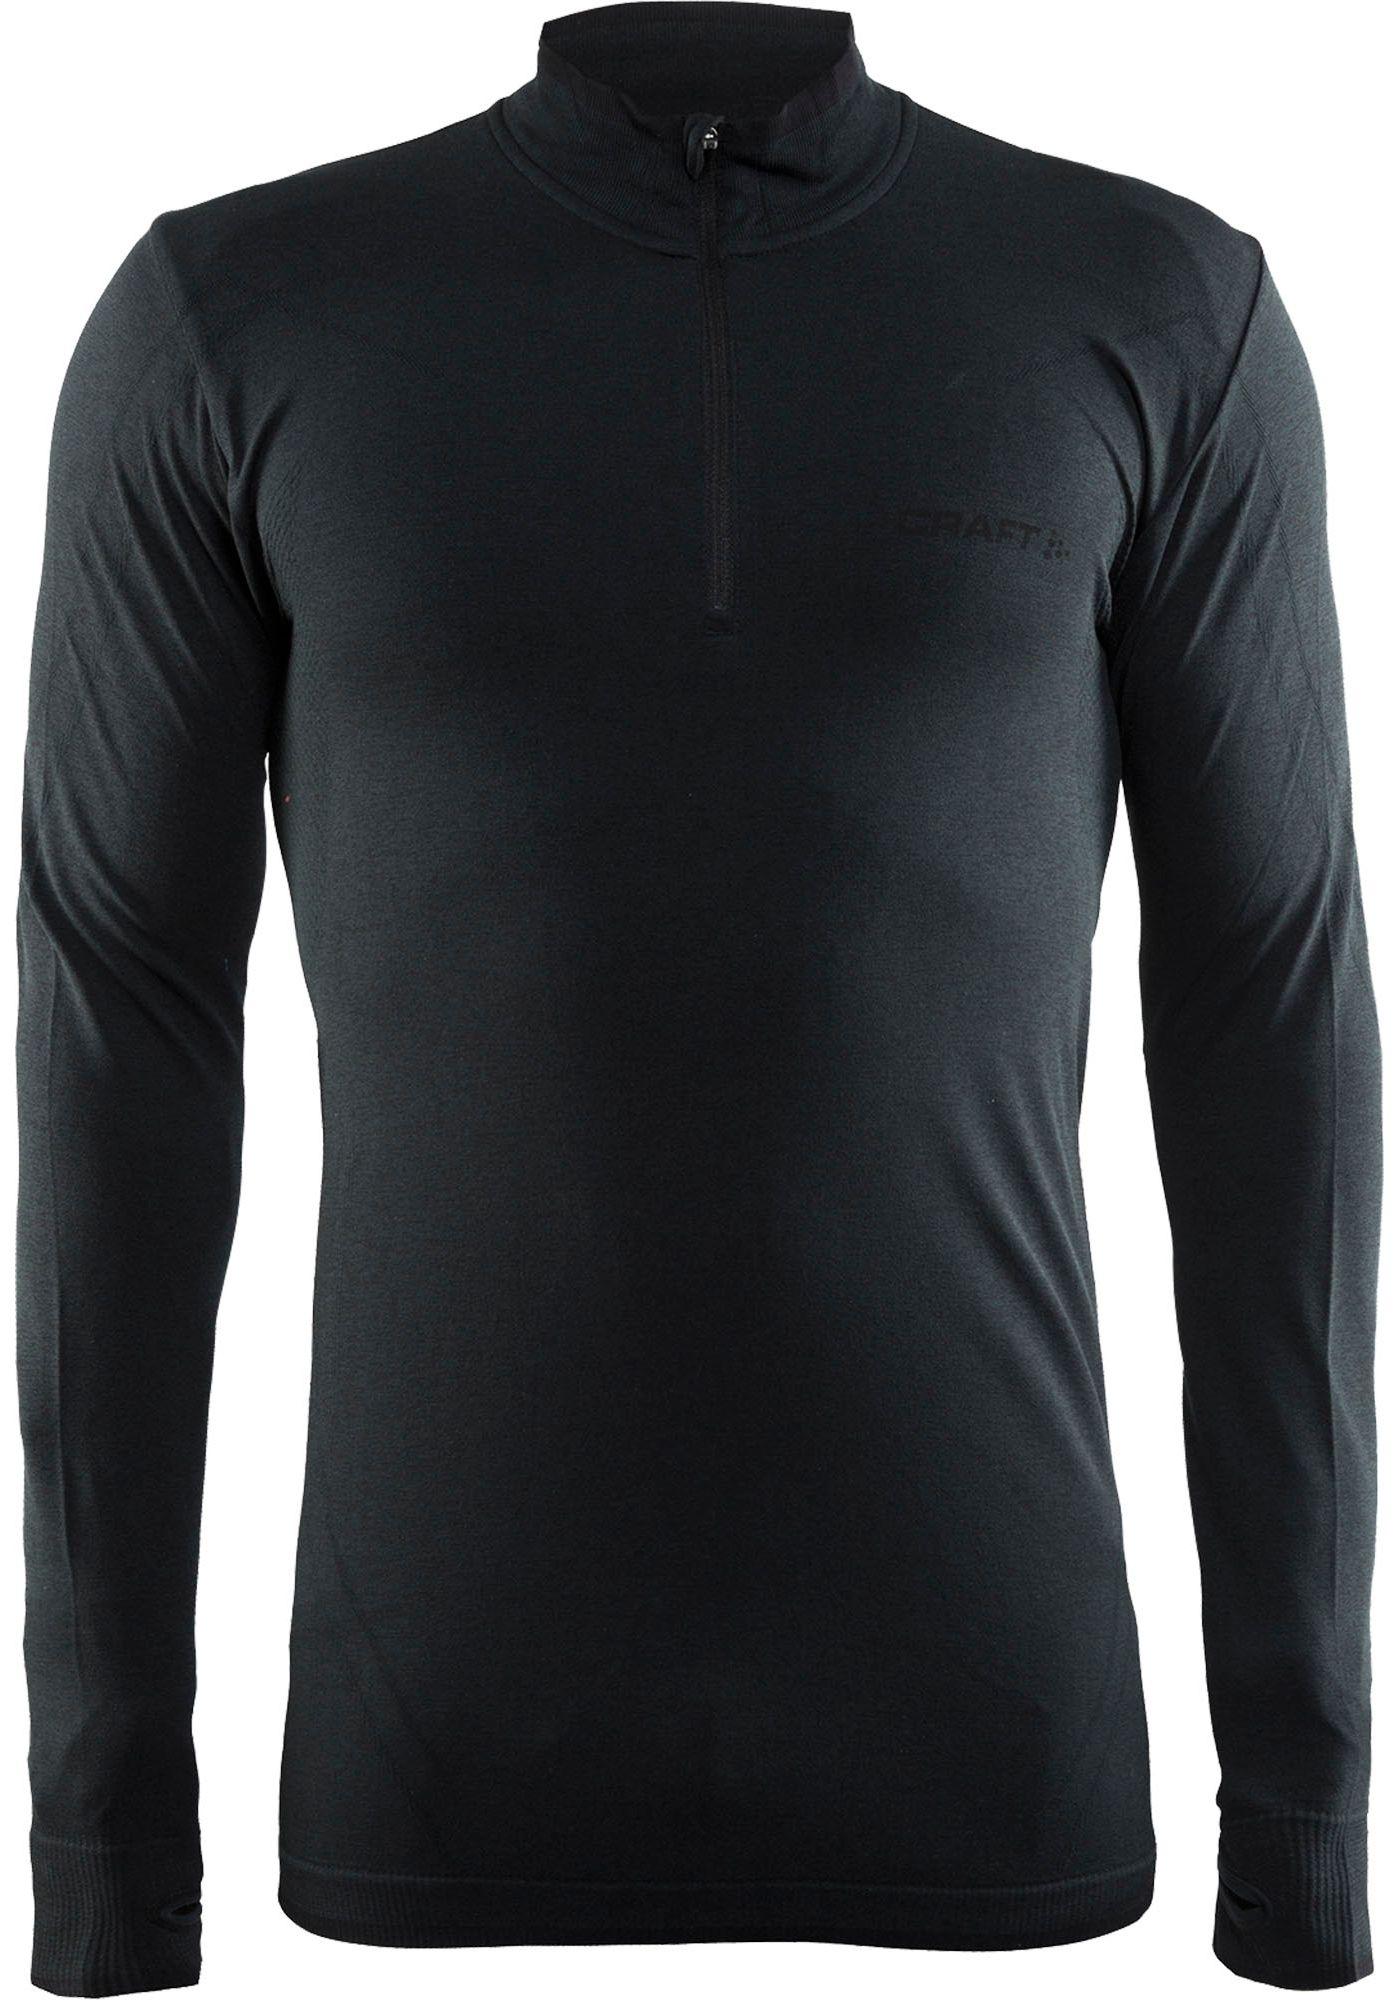 Craft Men's Active Comfort 1/4  Zip Running Pullover